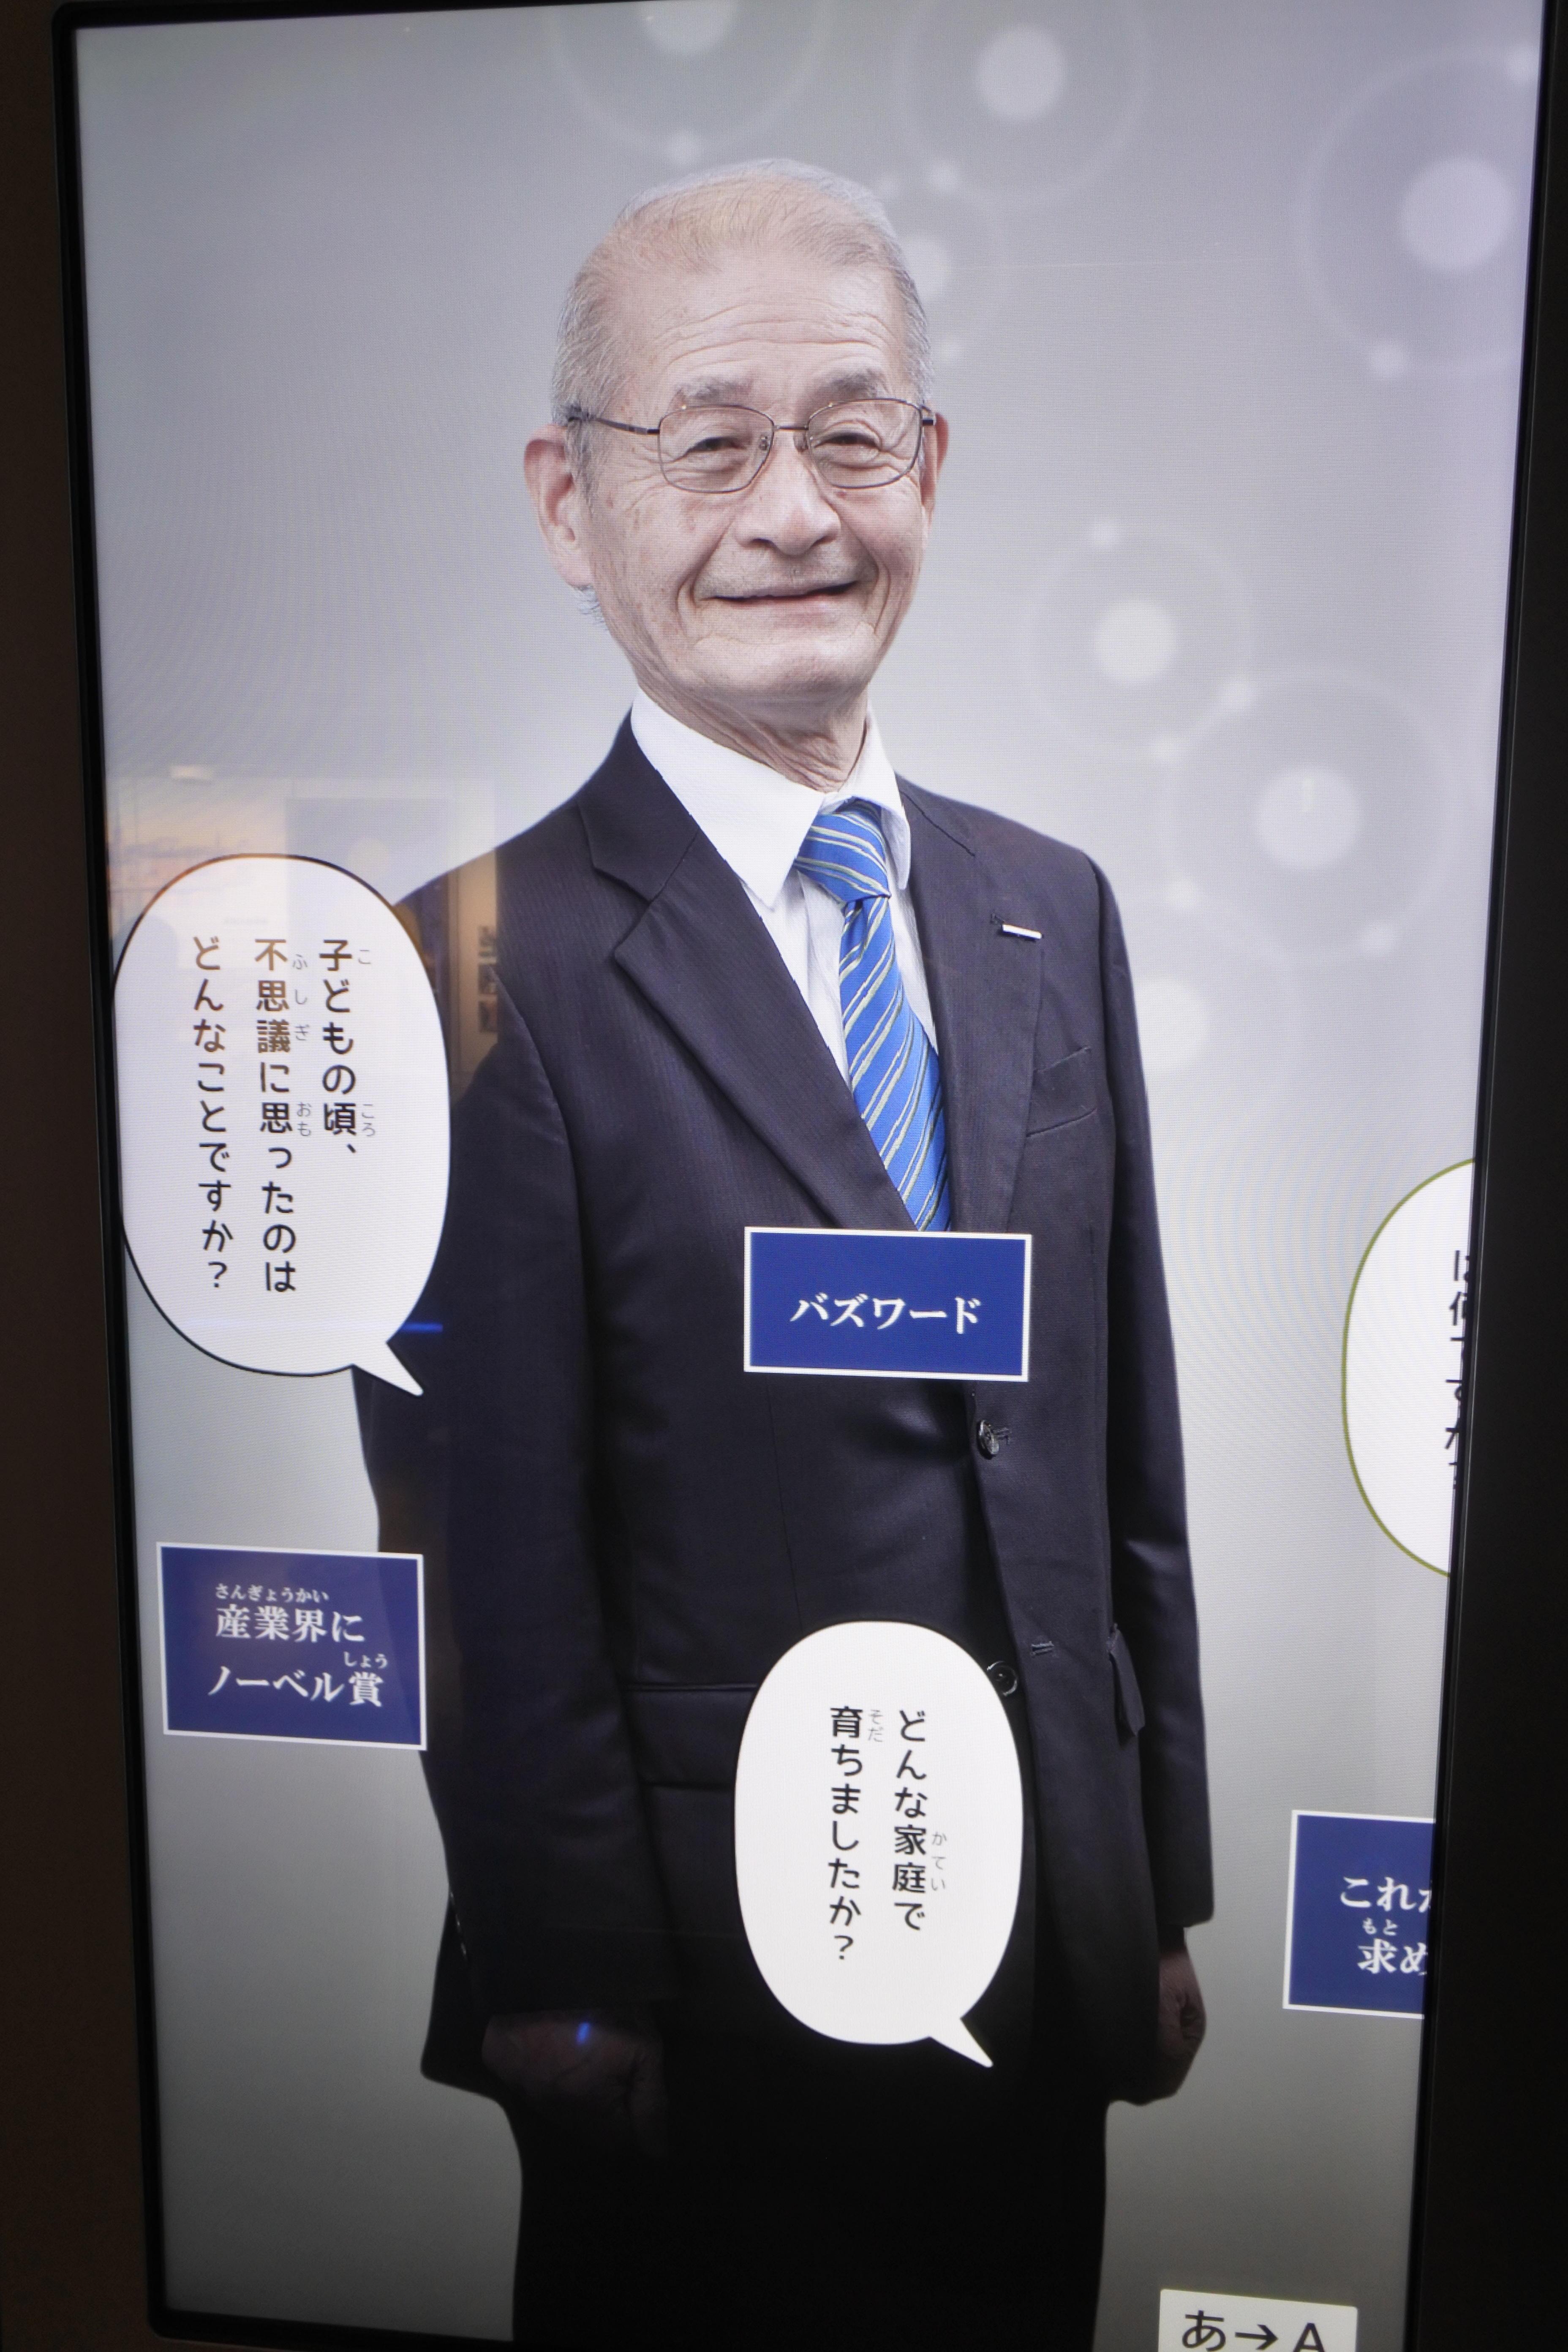 吉野彰特別栄誉教授の人となりが分かるサイネージ